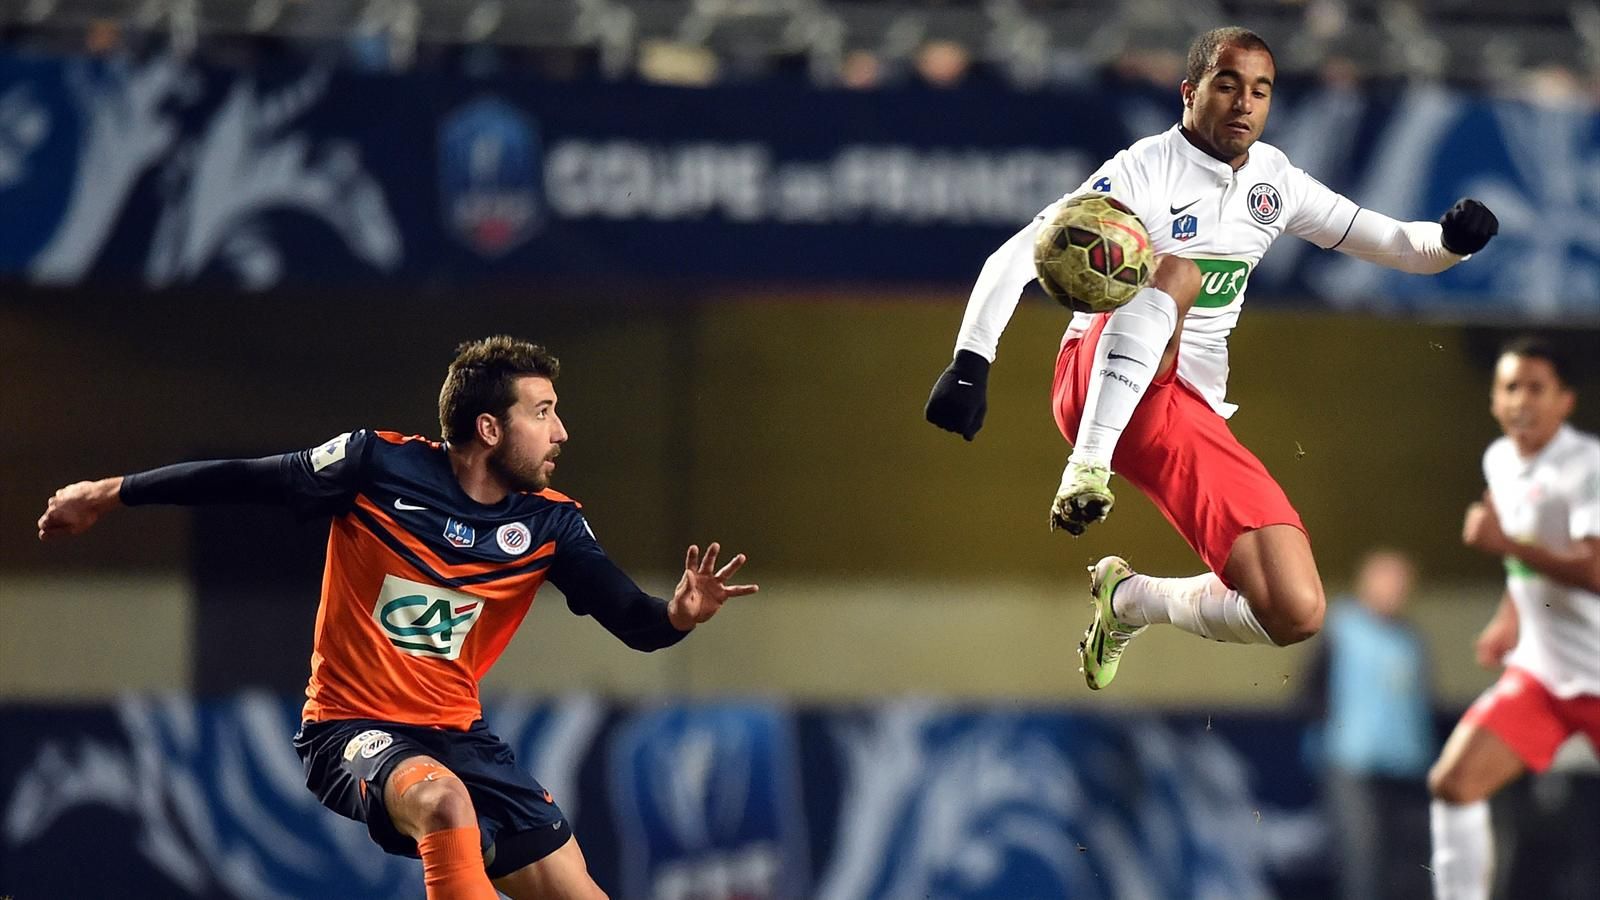 Coupe de france montpellier psg 0 3 paris se - Resultats coupe de france football 2015 ...